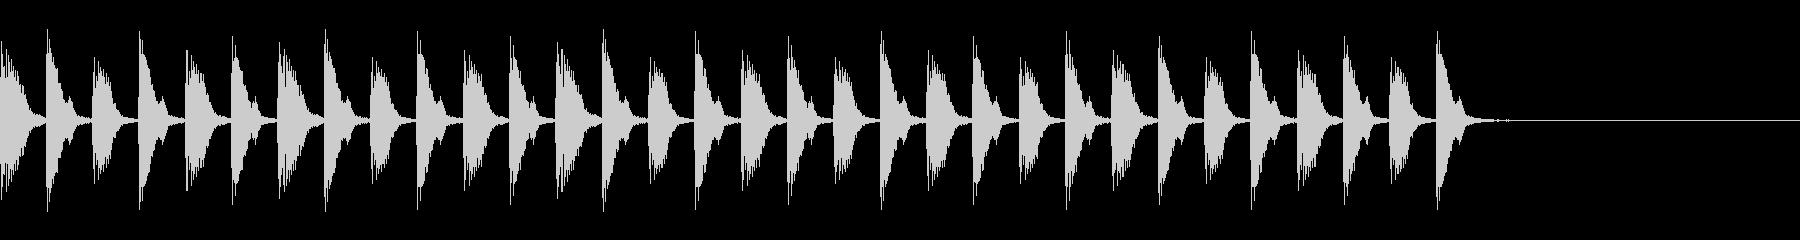 ポカポカ殴るA01の未再生の波形